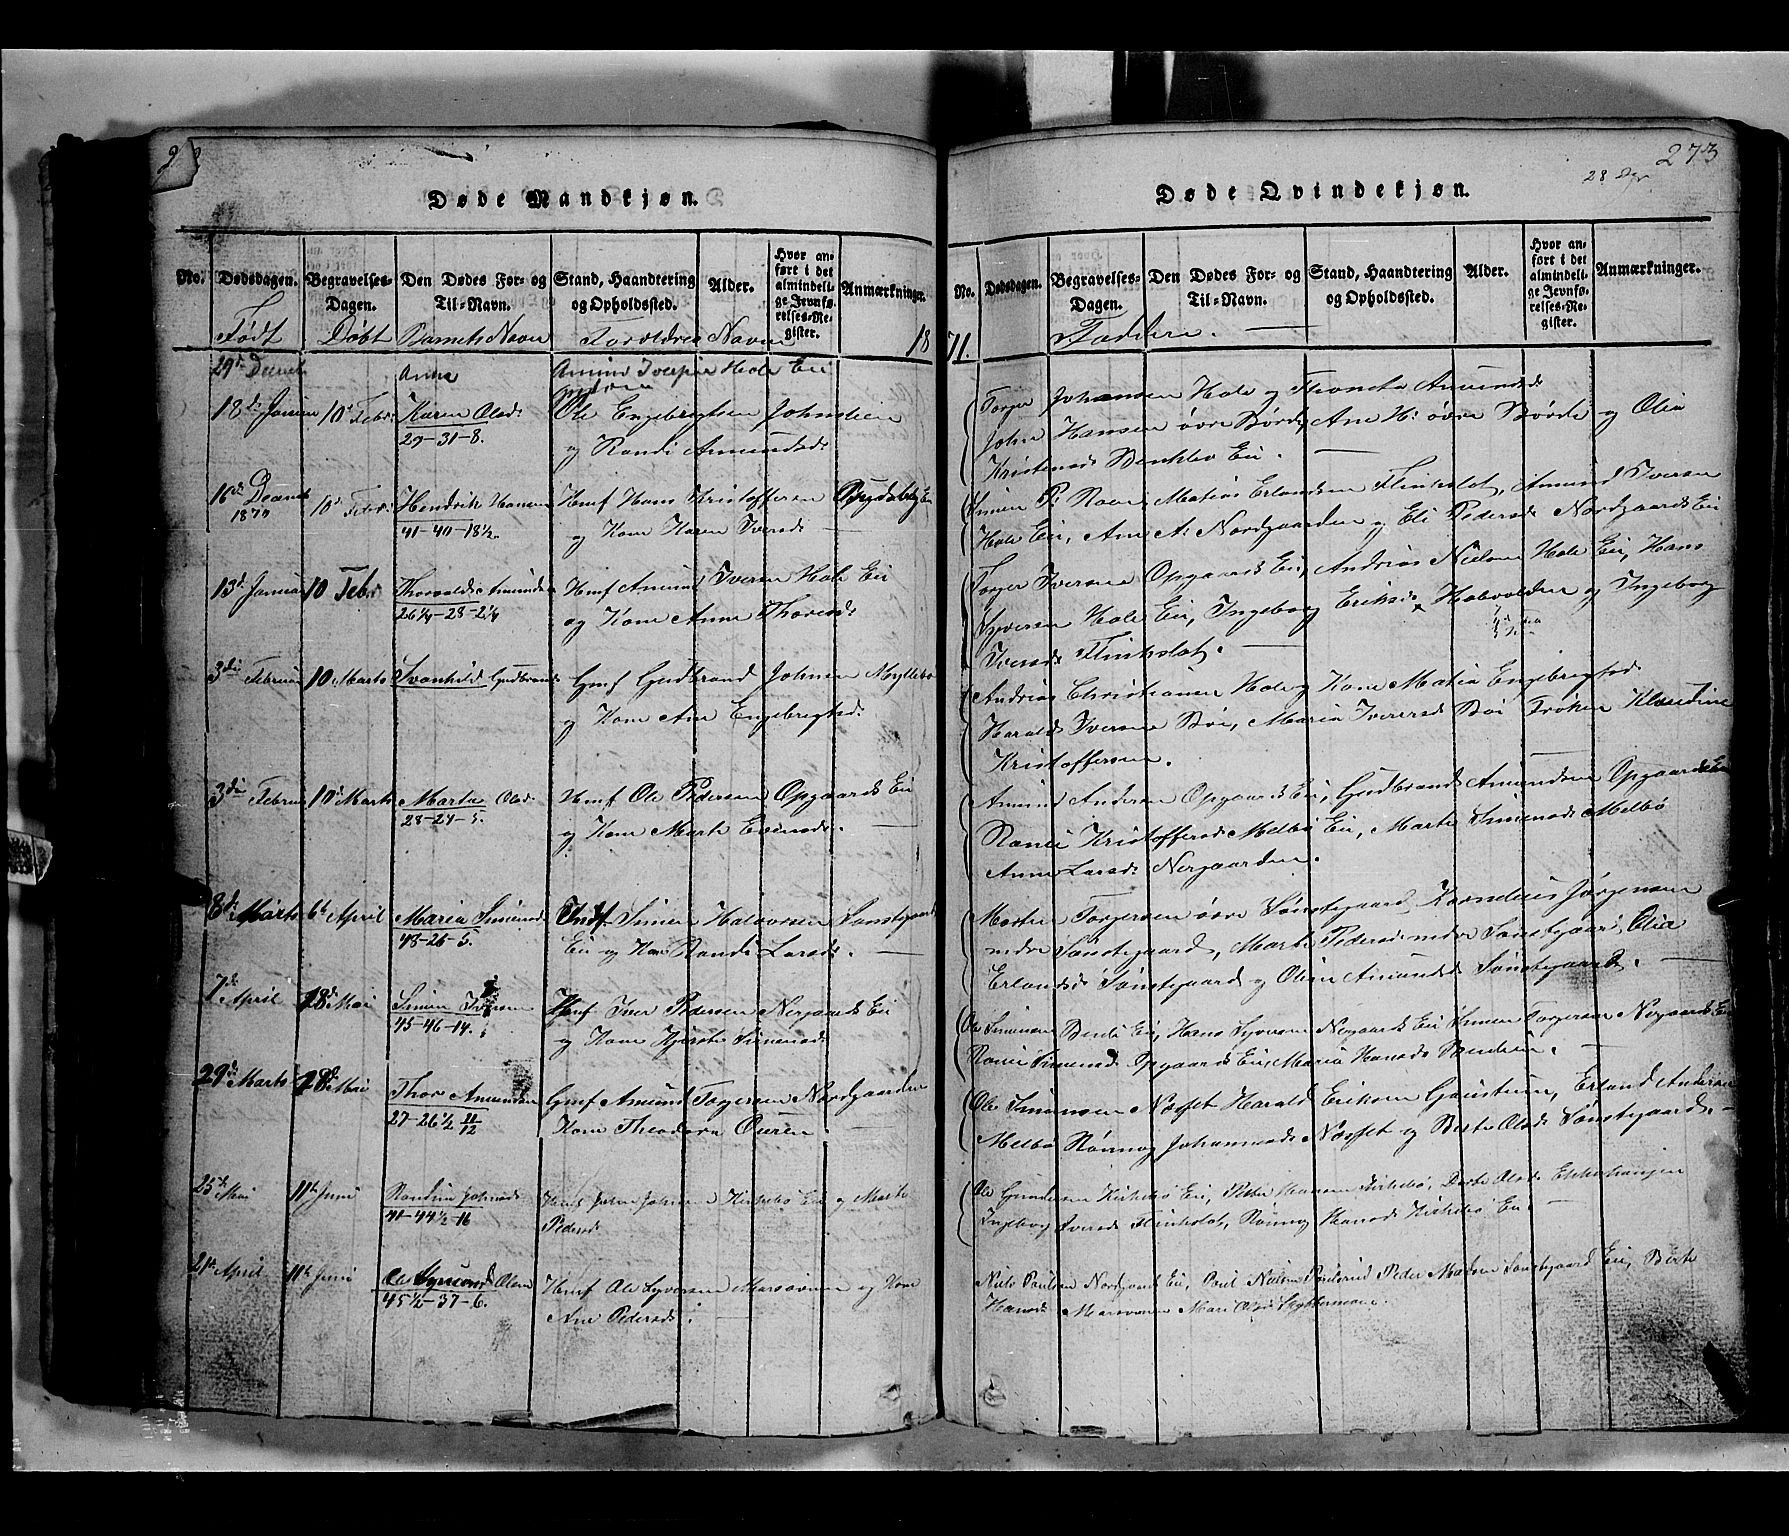 SAH, Gausdal prestekontor, Klokkerbok nr. 2, 1818-1874, s. 272-273